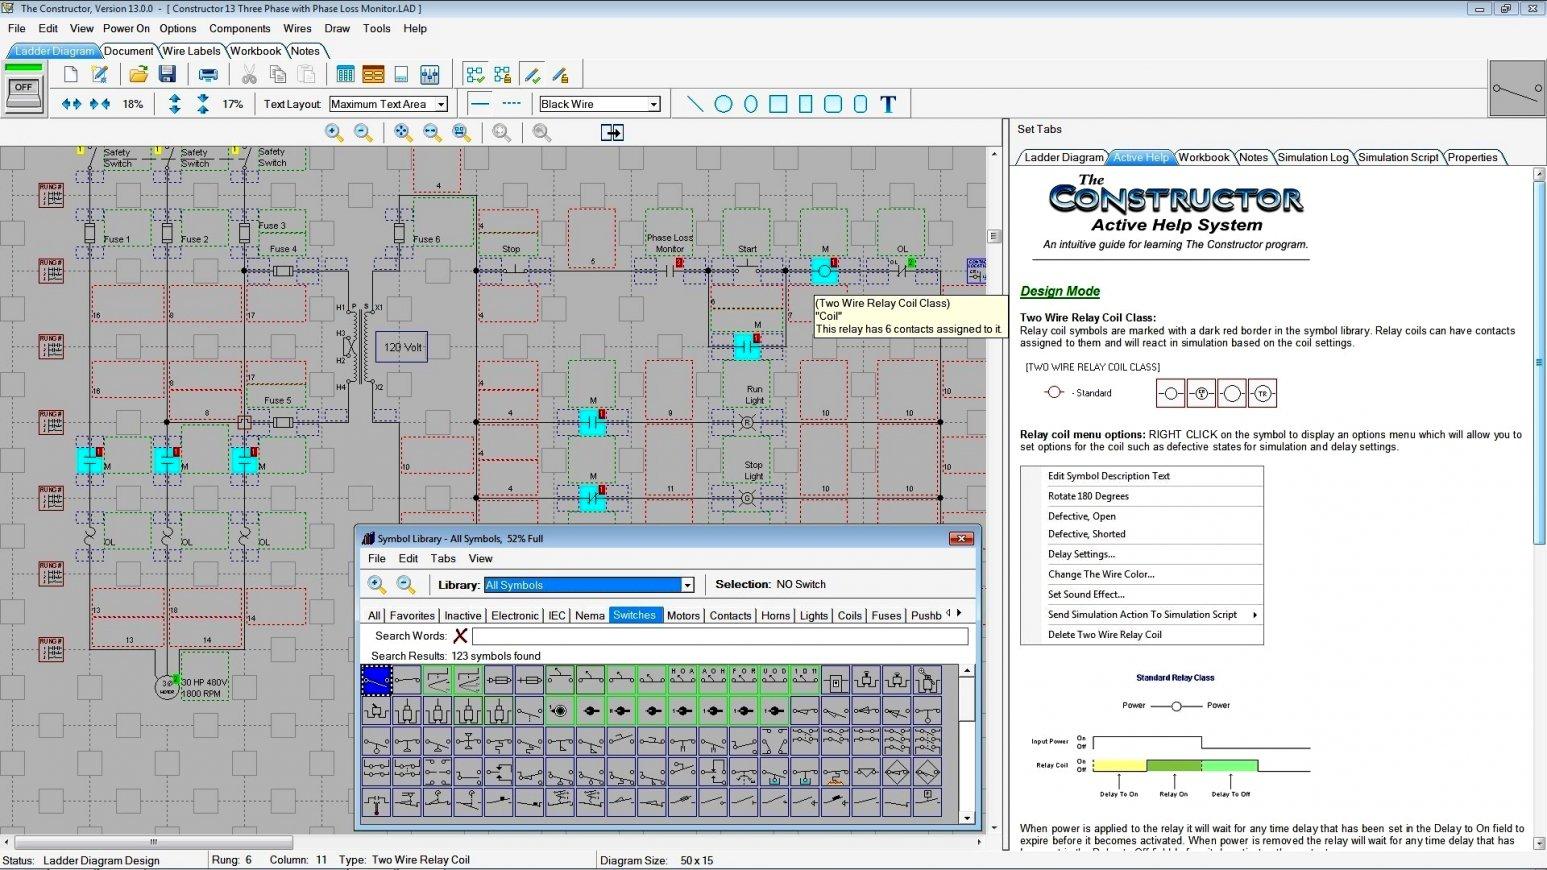 Circuit Wiring Diagram Program | Wiring Diagram - Wiring Diagram Software Open Source